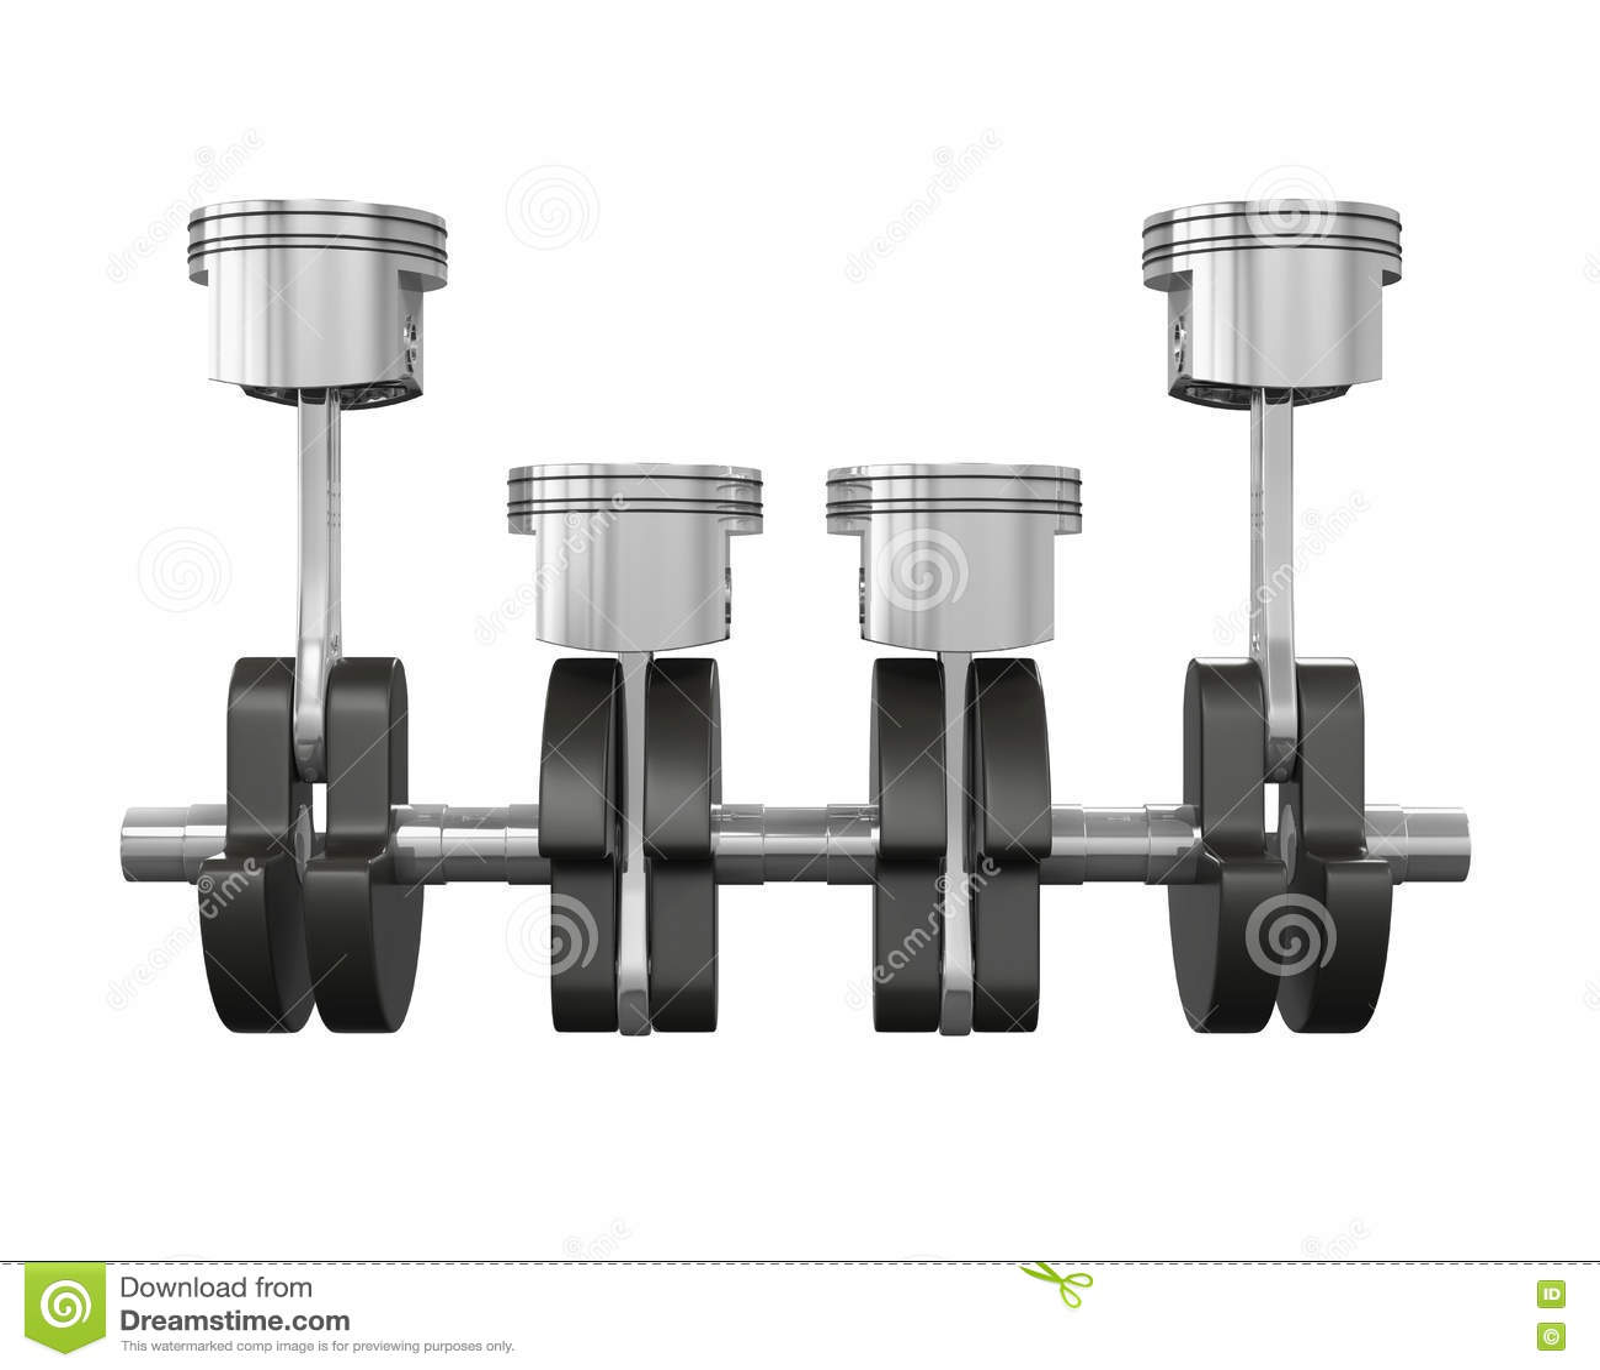 hight resolution of v4 engine diagram wiring library rh 33 skriptoase de v4 cylinder engine i4 engine diagram